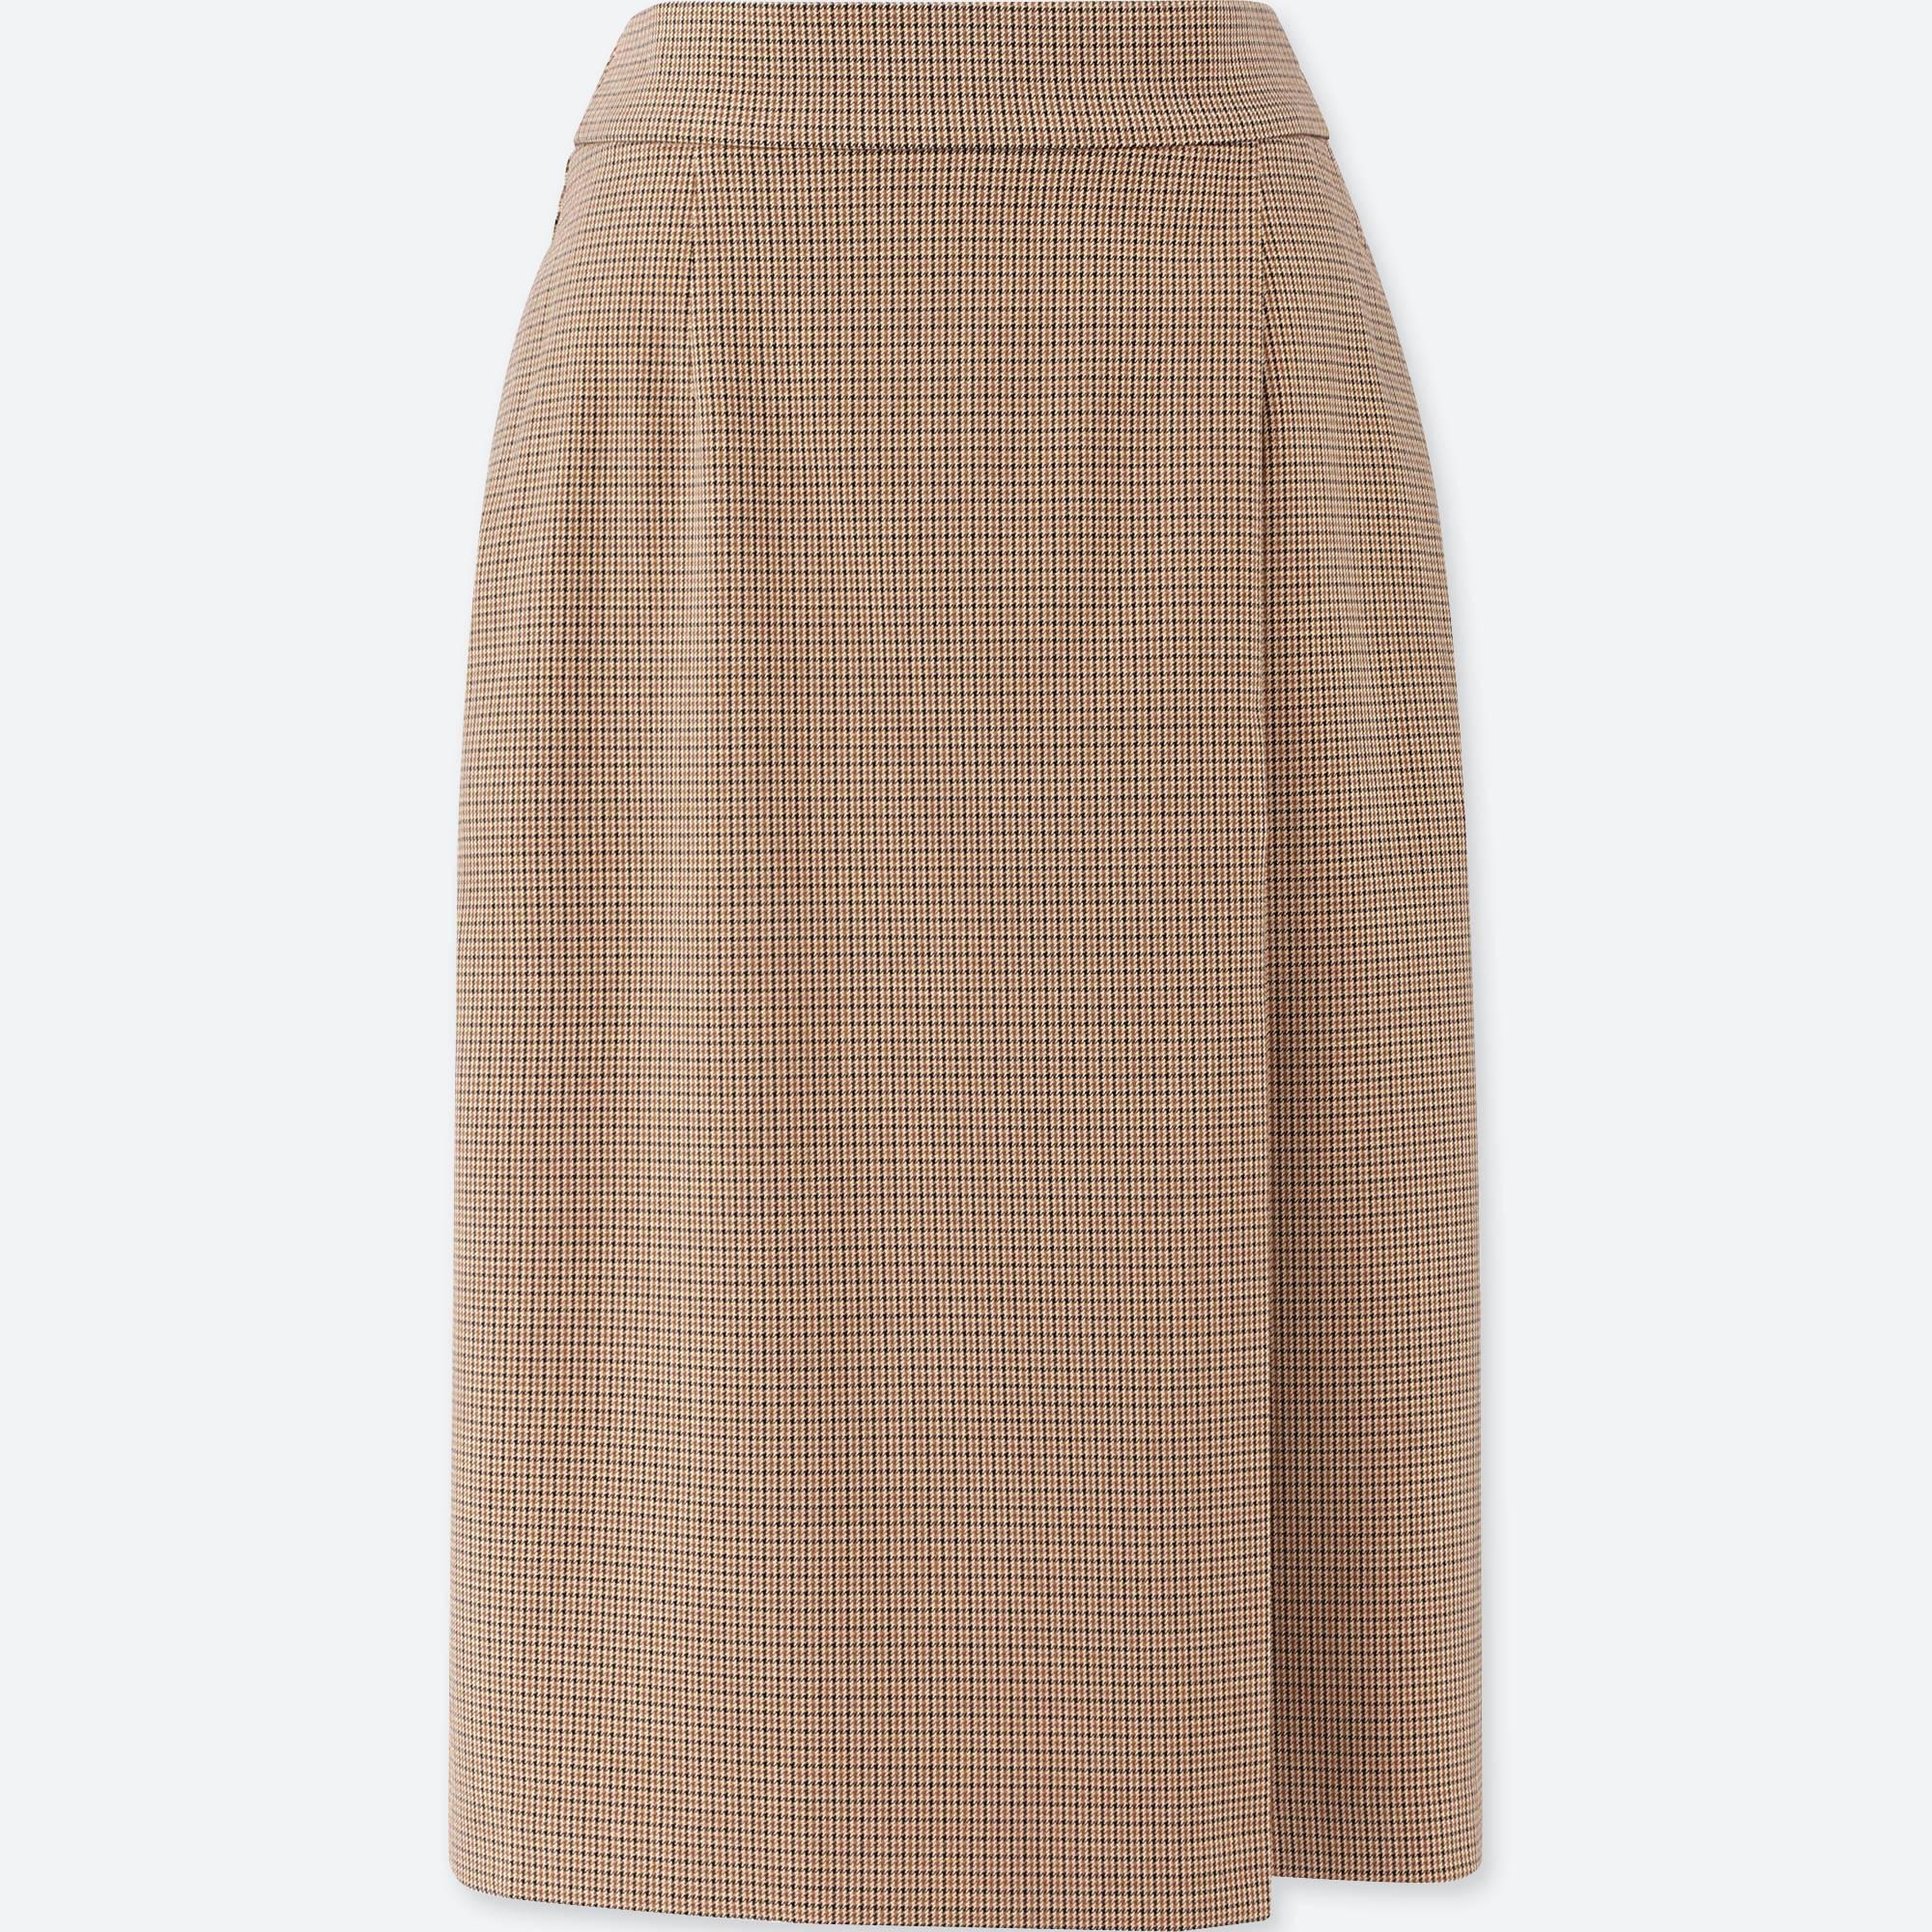 ユニクロ/ スカート women checked narrow skirt